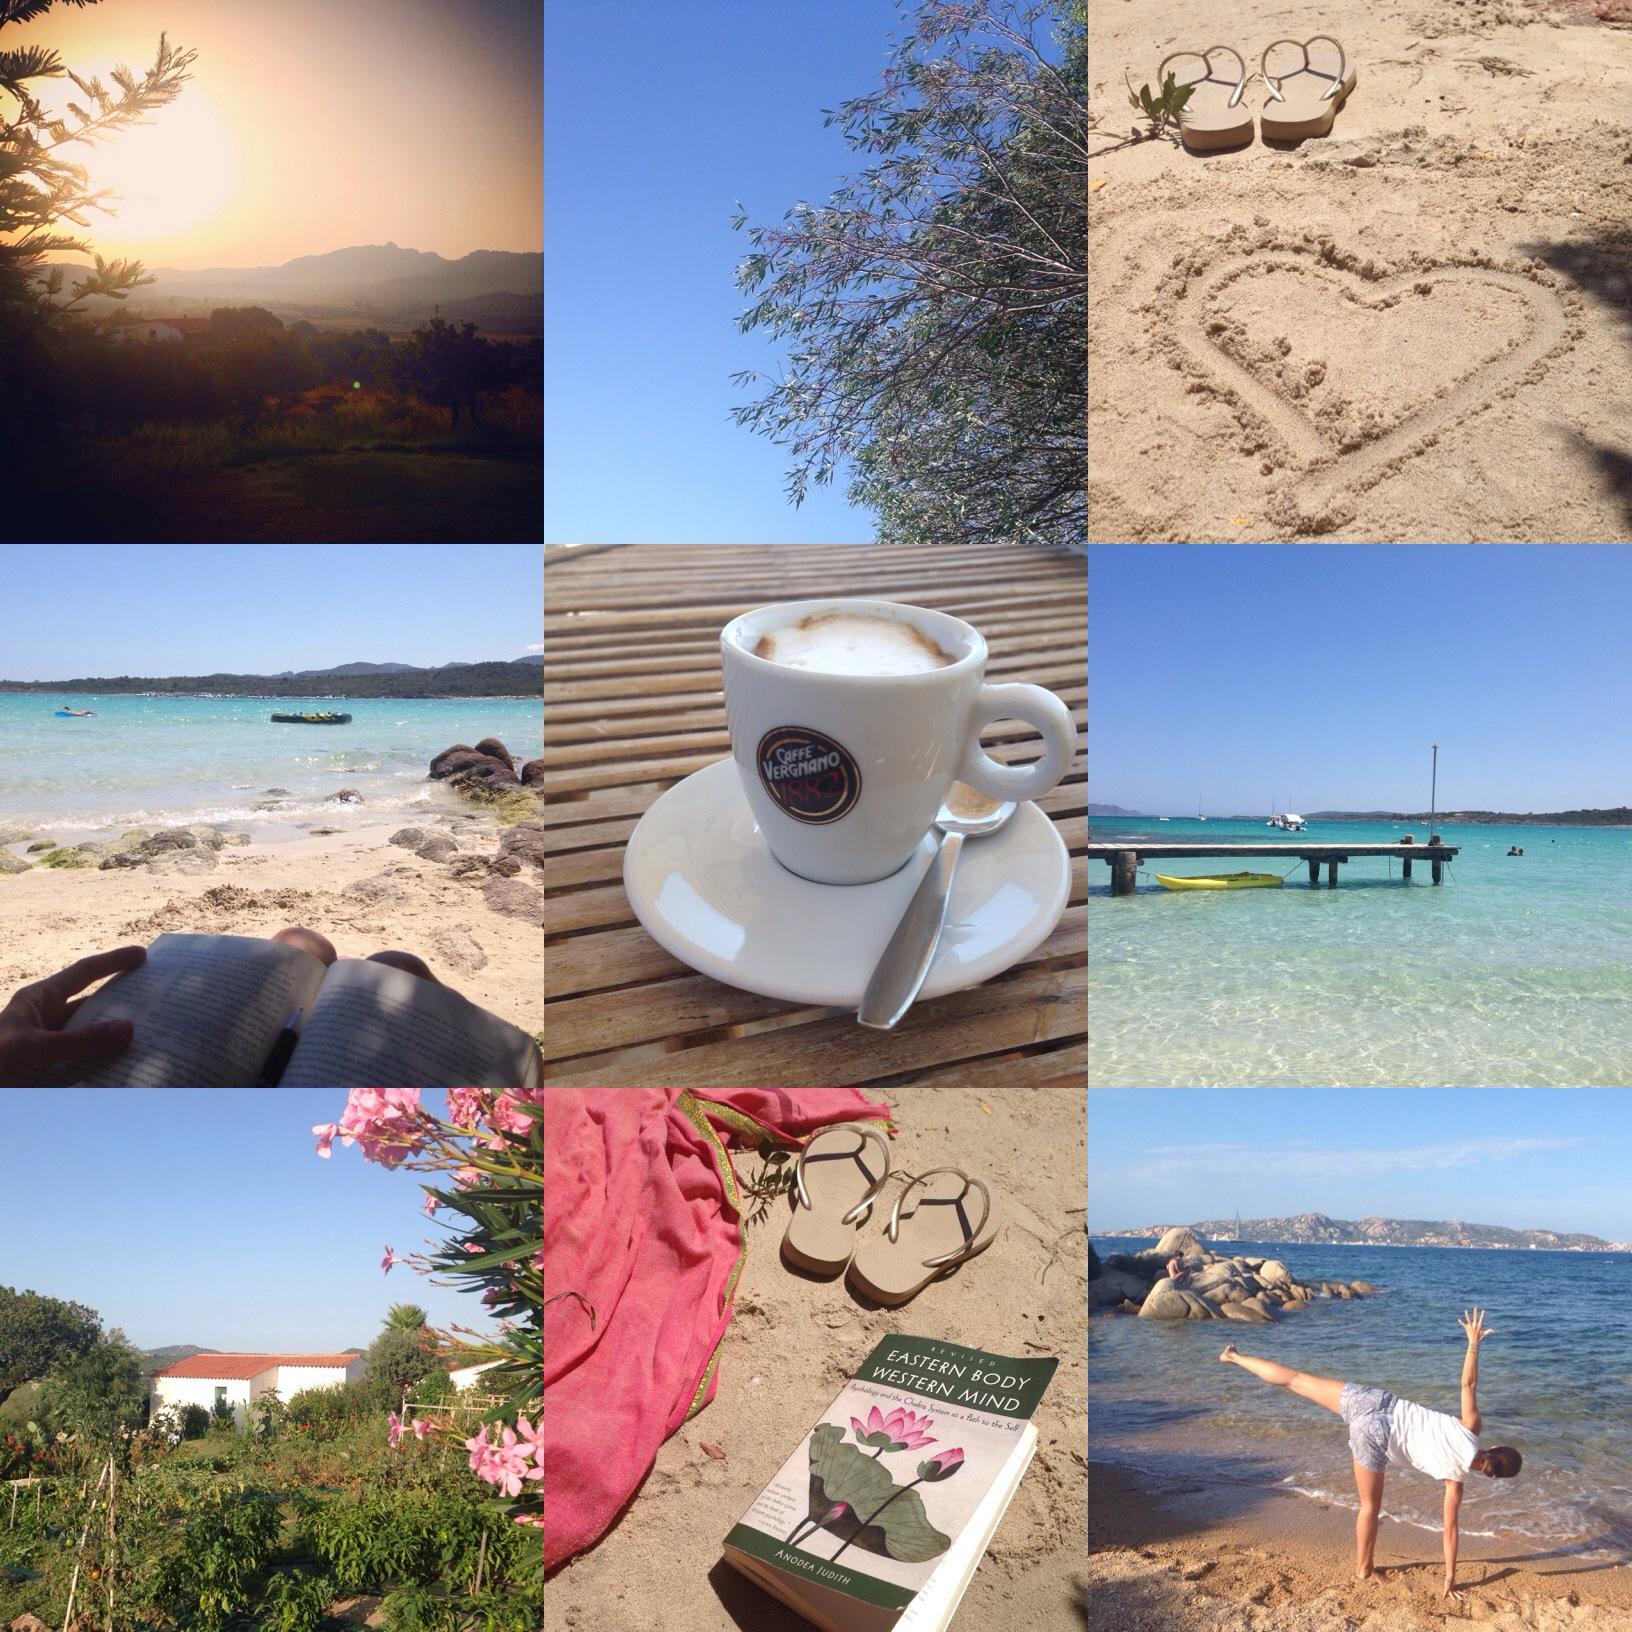 Sommerurlaub in Sardinien - abseits der Costa Smeralda